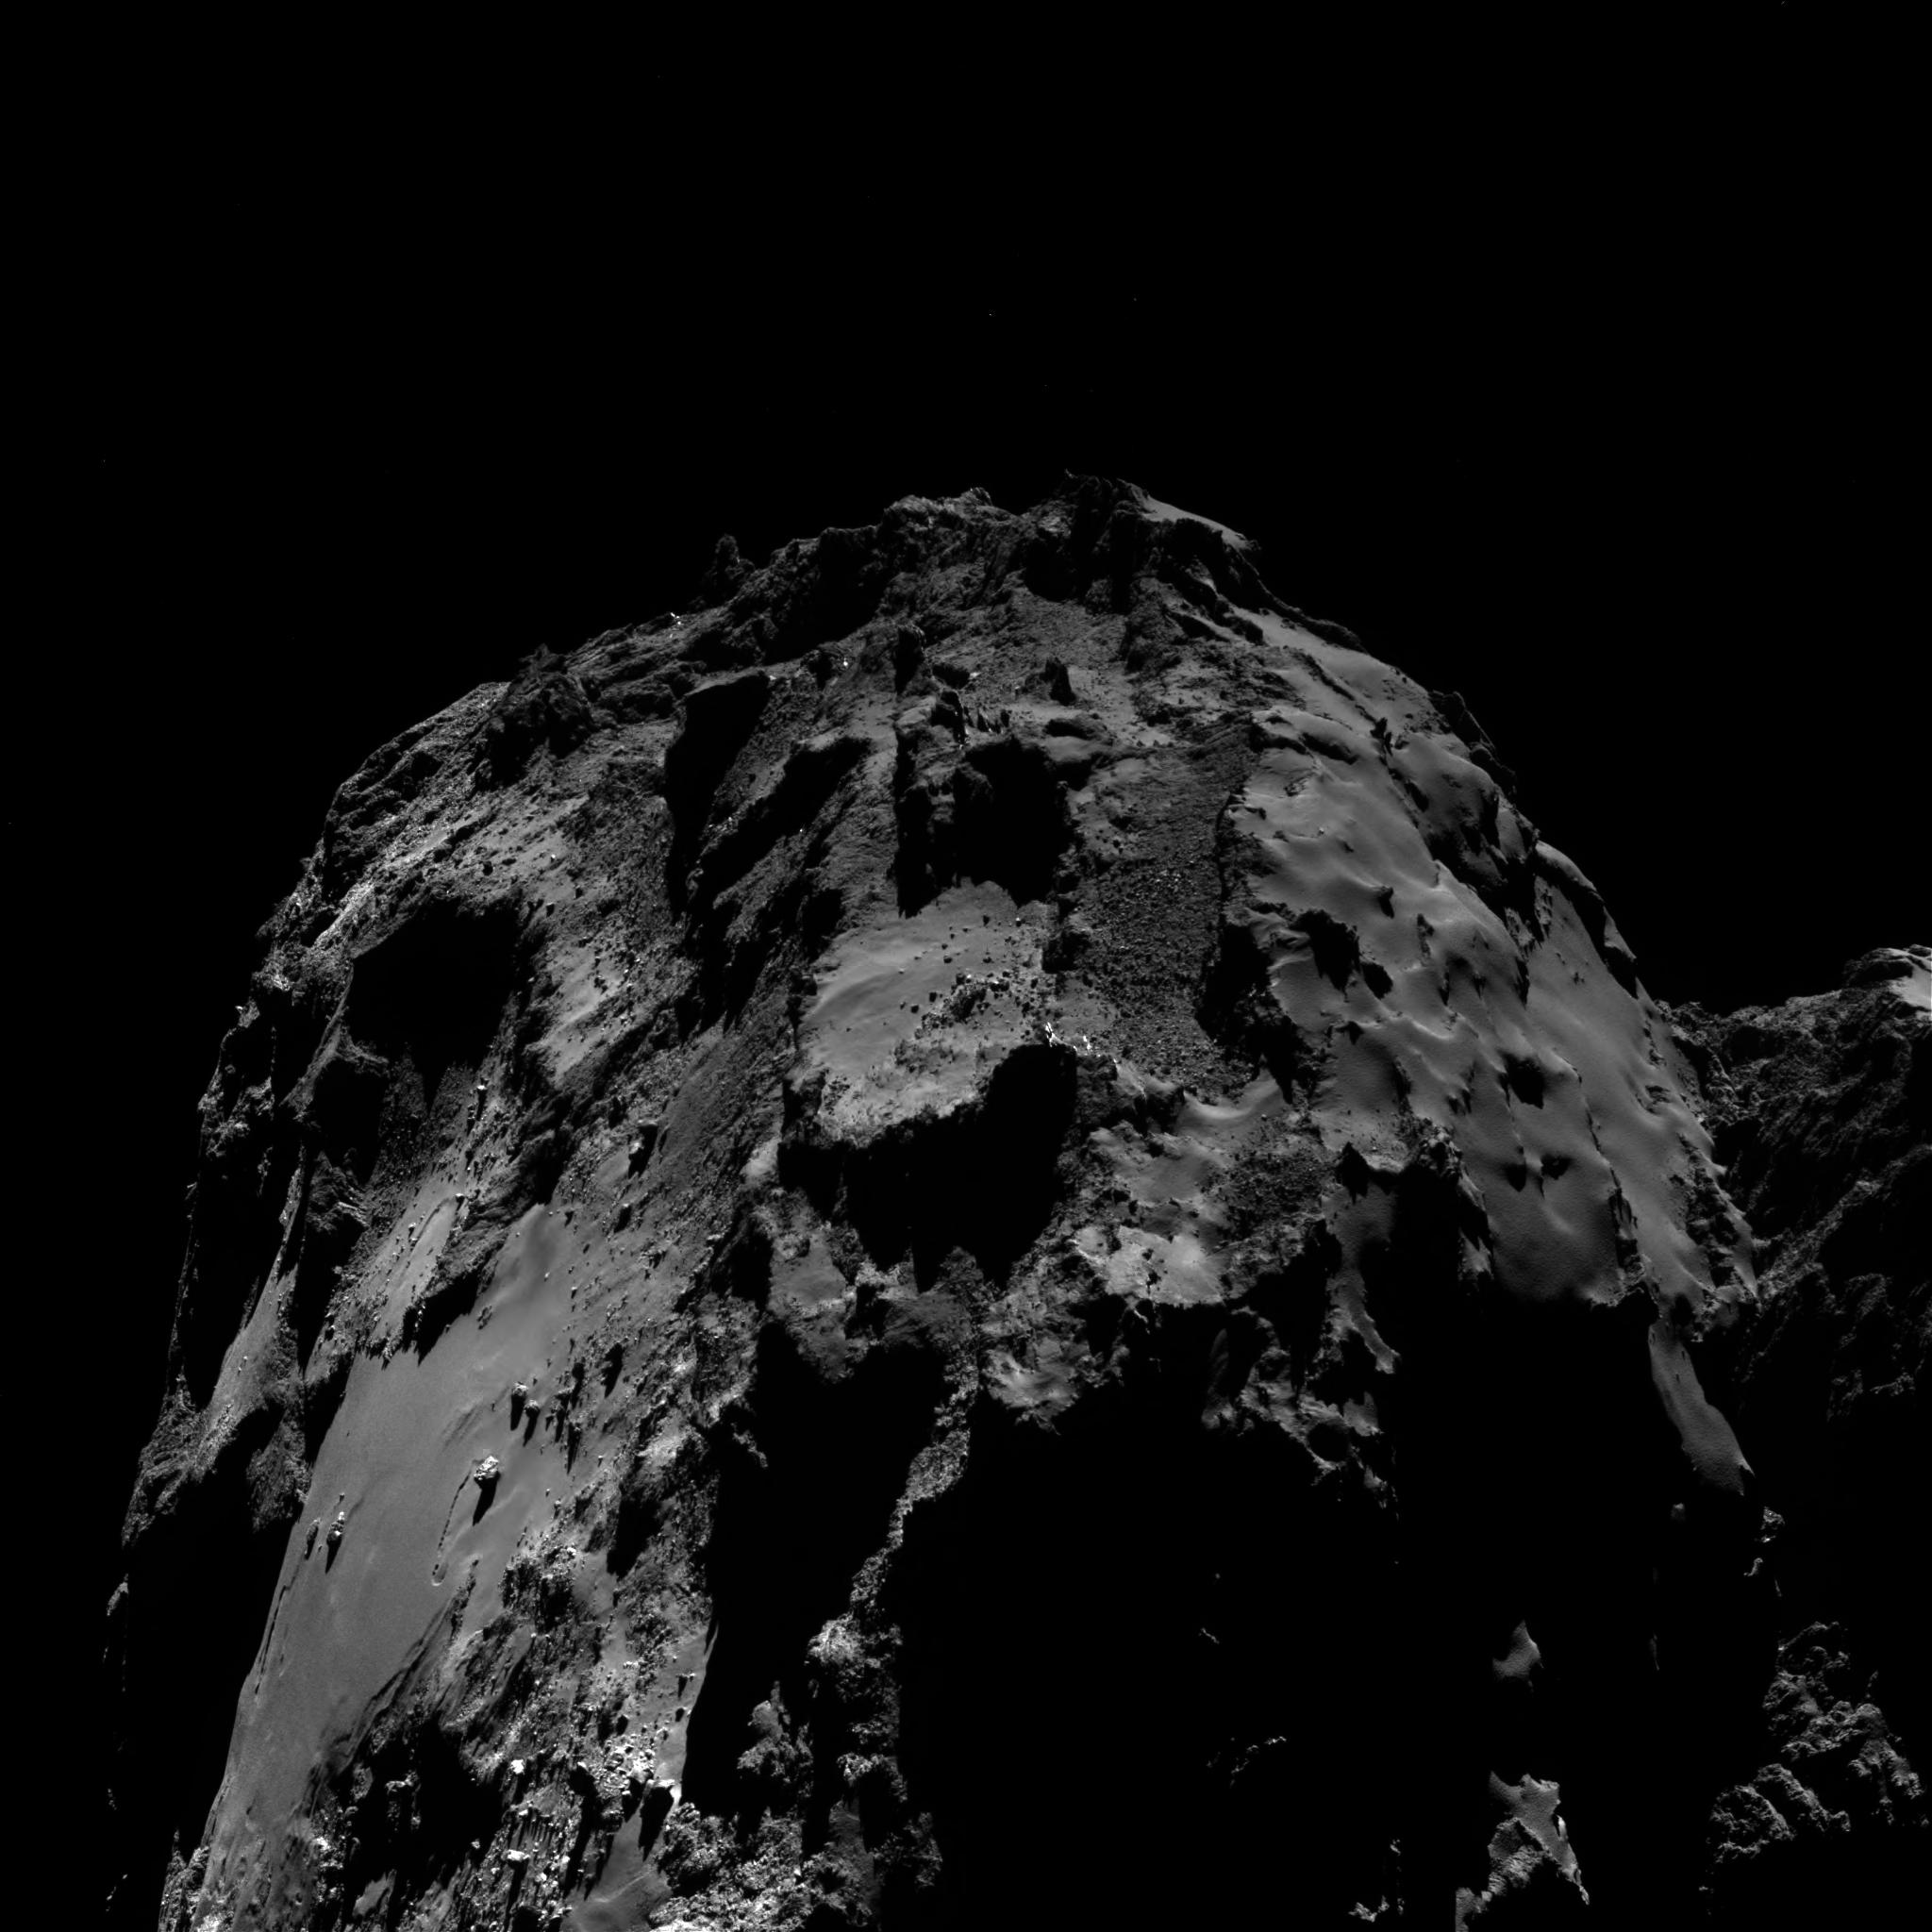 1567215426017-Rosetta_OSIRIS_WAC_comet_67P_20160810T160532.jpg